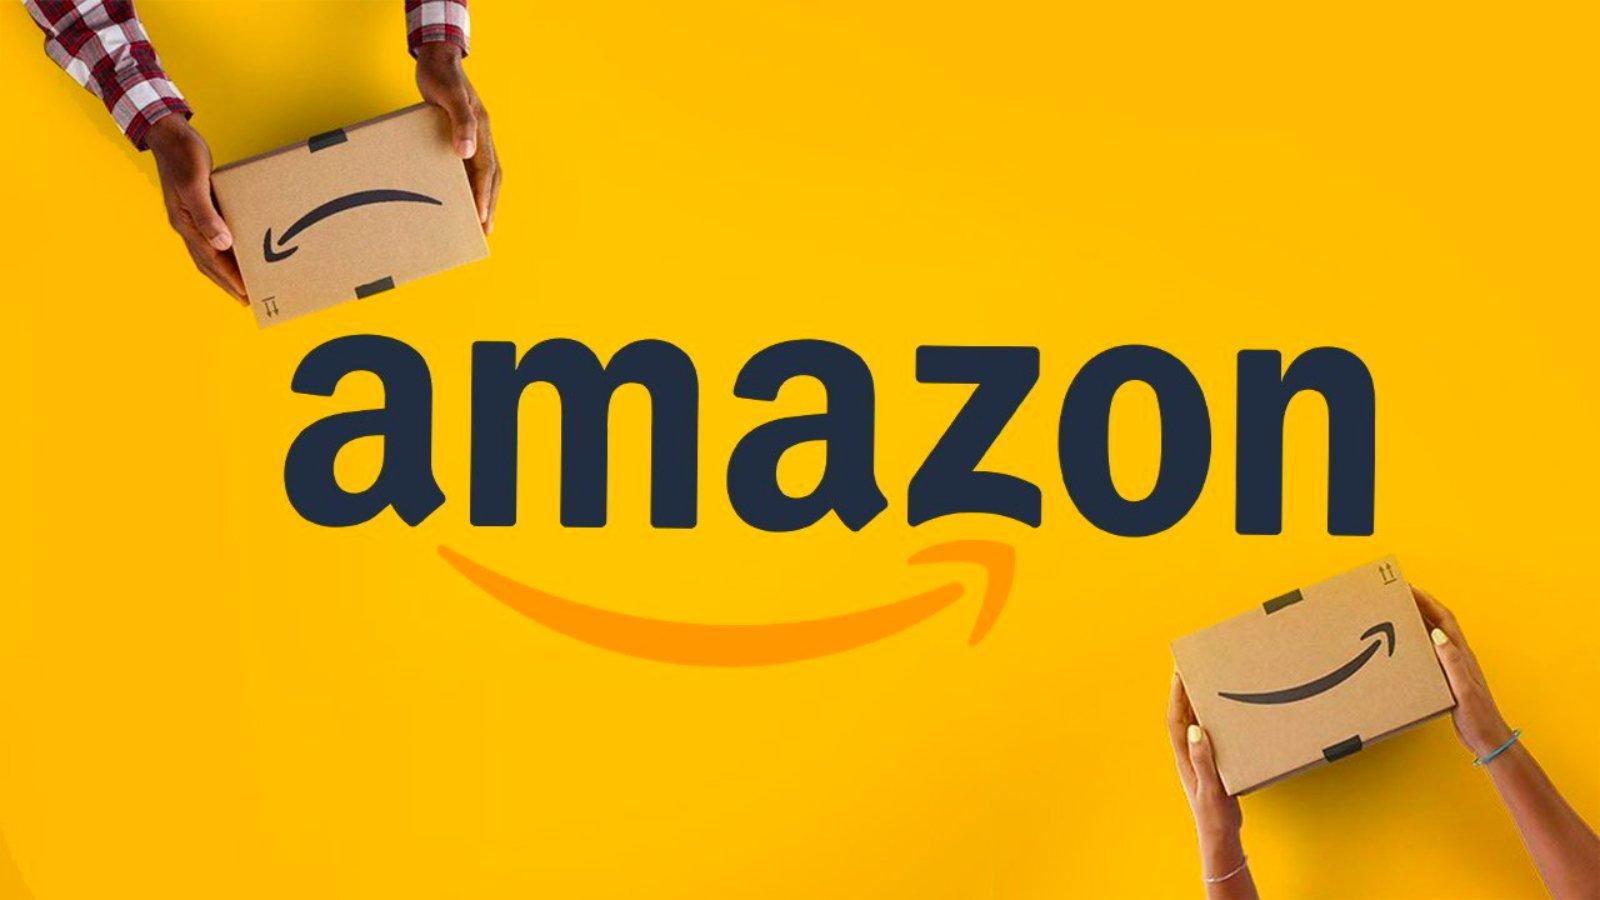 """Letras en grande color negras en medio de la imagen que dice """"Amazon"""", debajo de estas letras una flecha color amarillo fuerte. Arriba y abajo unas manos deteniendo una caja color cartón."""